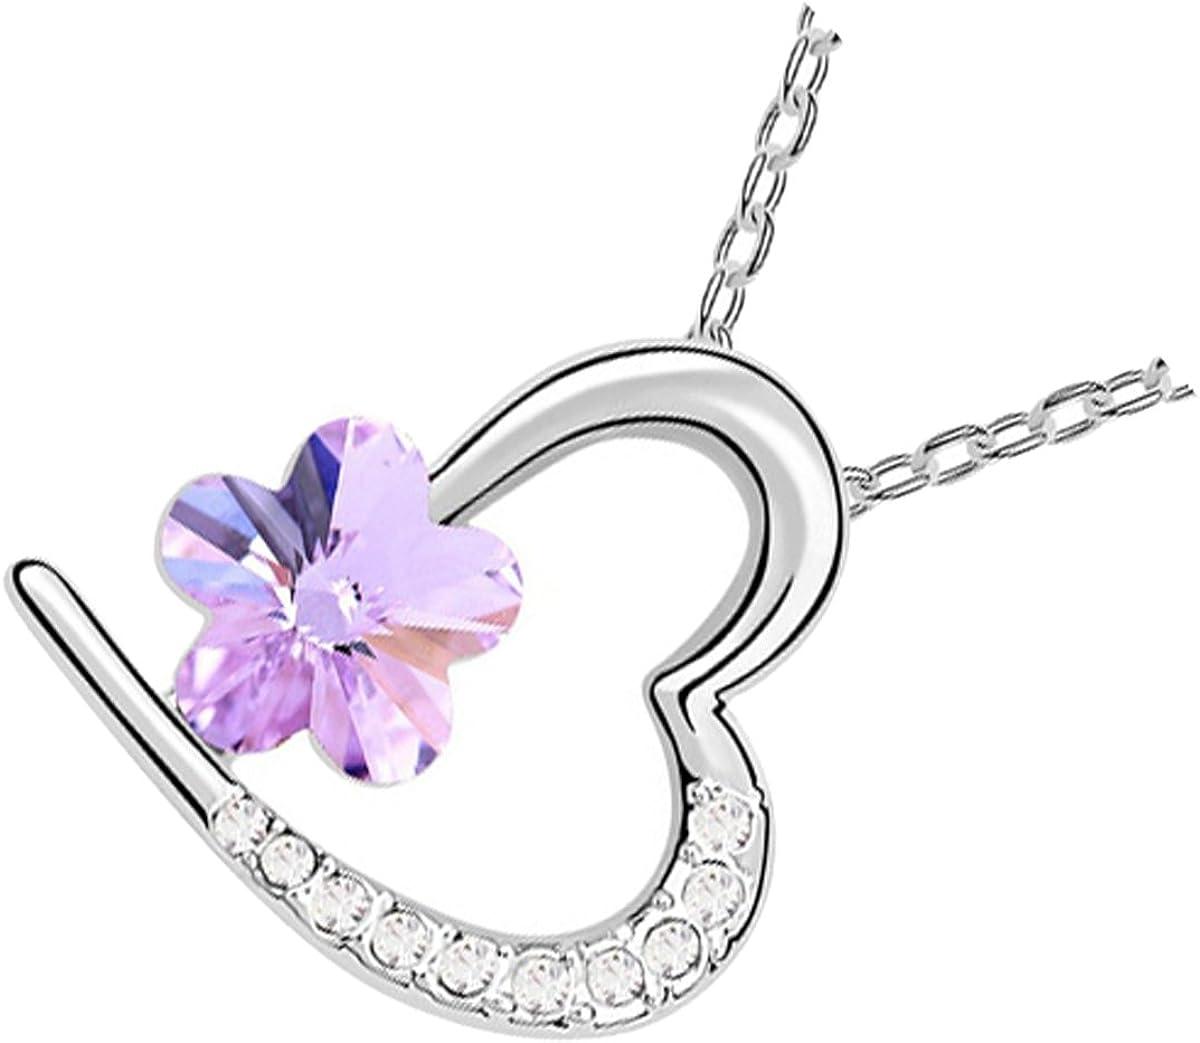 UPCO Jewellery Collar con Pendiente en Forma de Estrella, Adornada con 10 Piezas de Cristal Austríaco, de 19 x 20 MM Bañado en Oro Blanco 18K